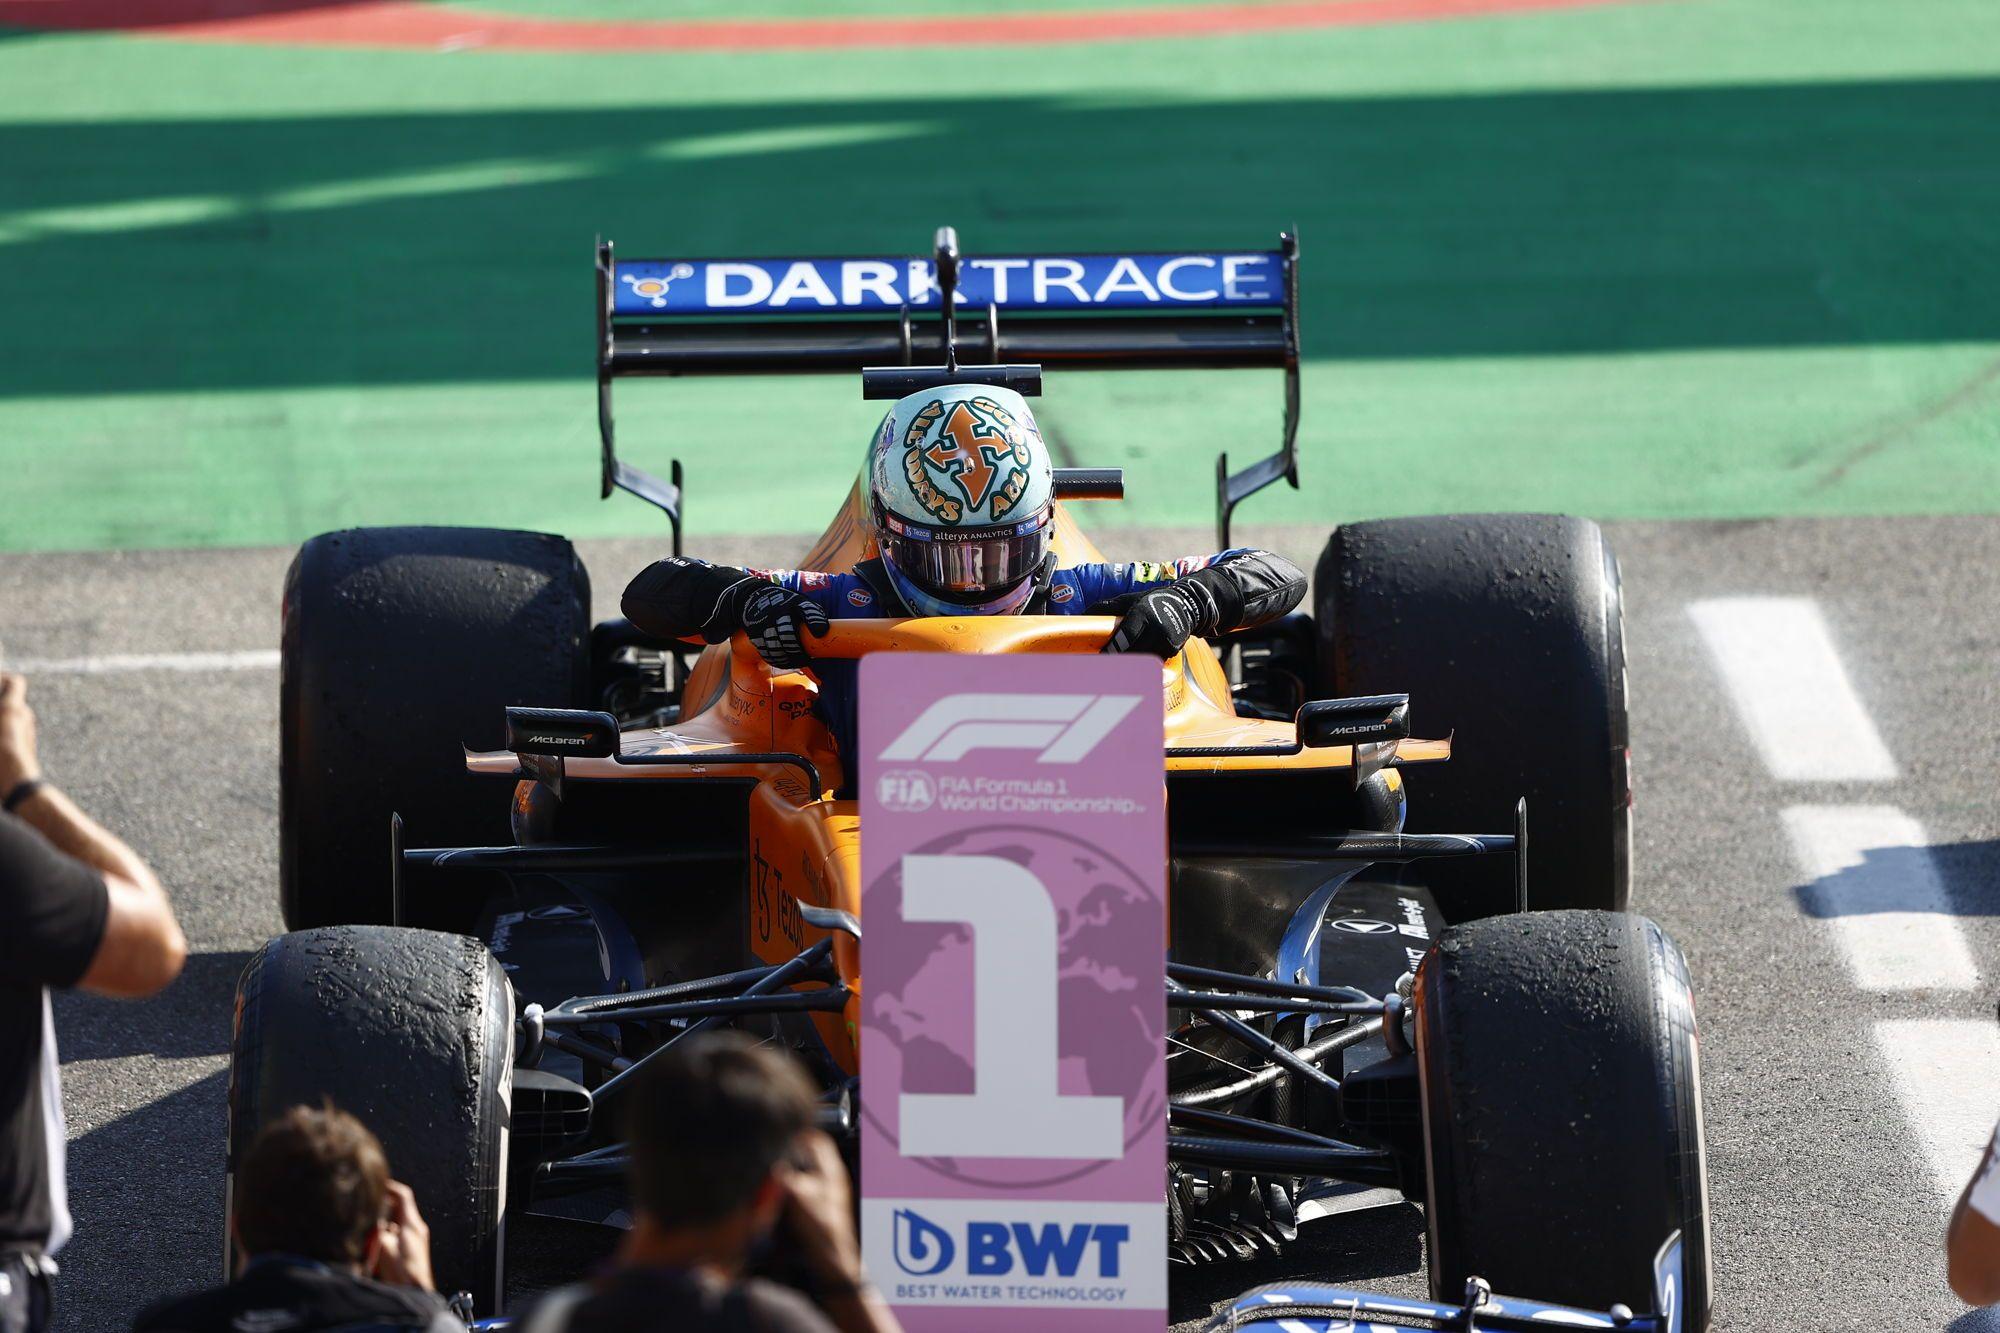 F1 - Ce dimanche, McLaren a décroché sa première victoire depuis...2012